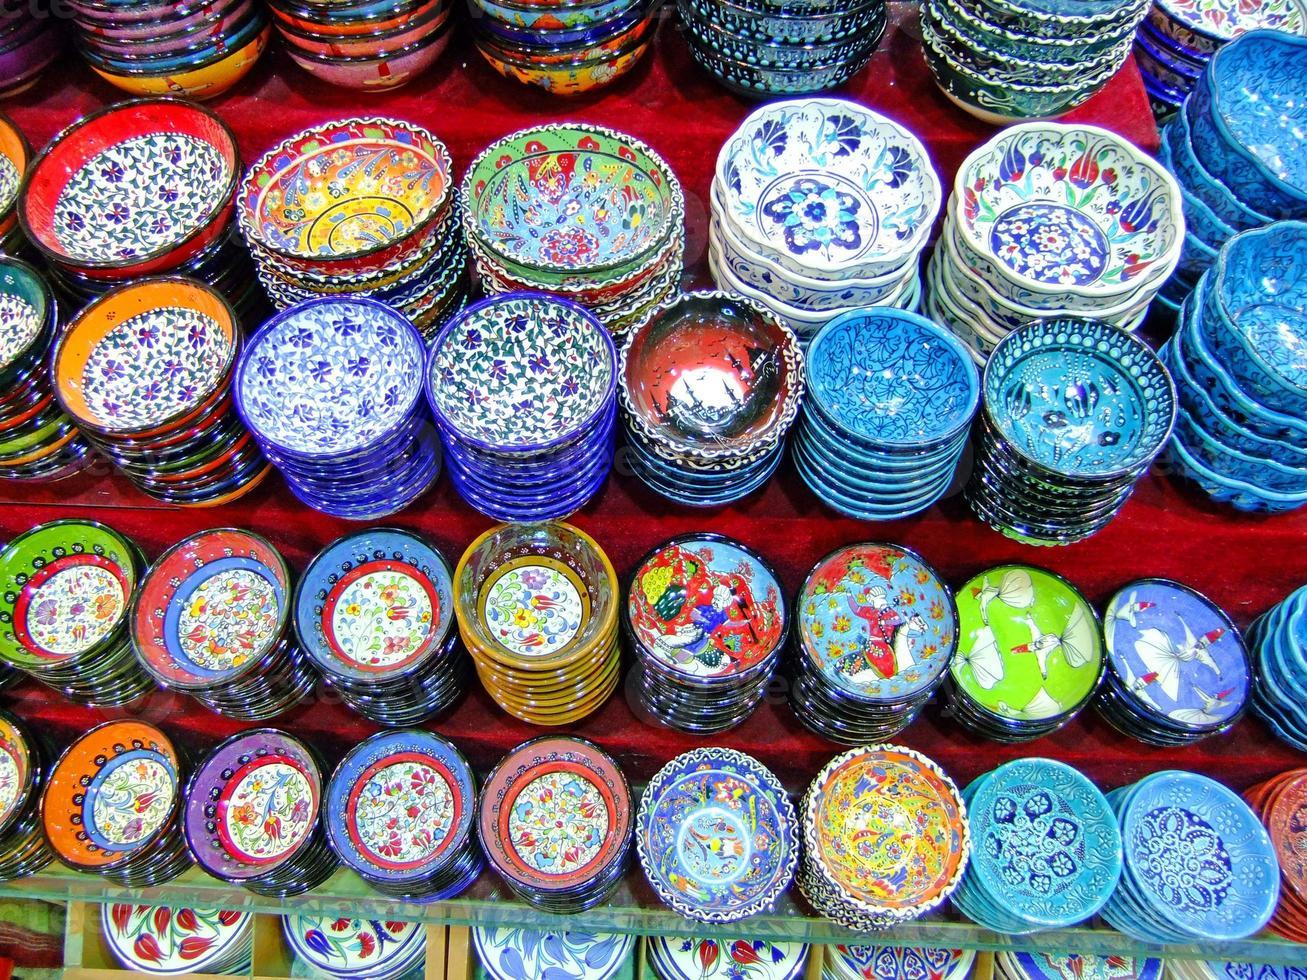 exibição de cerâmica colorida, Istambul, Turquia foto